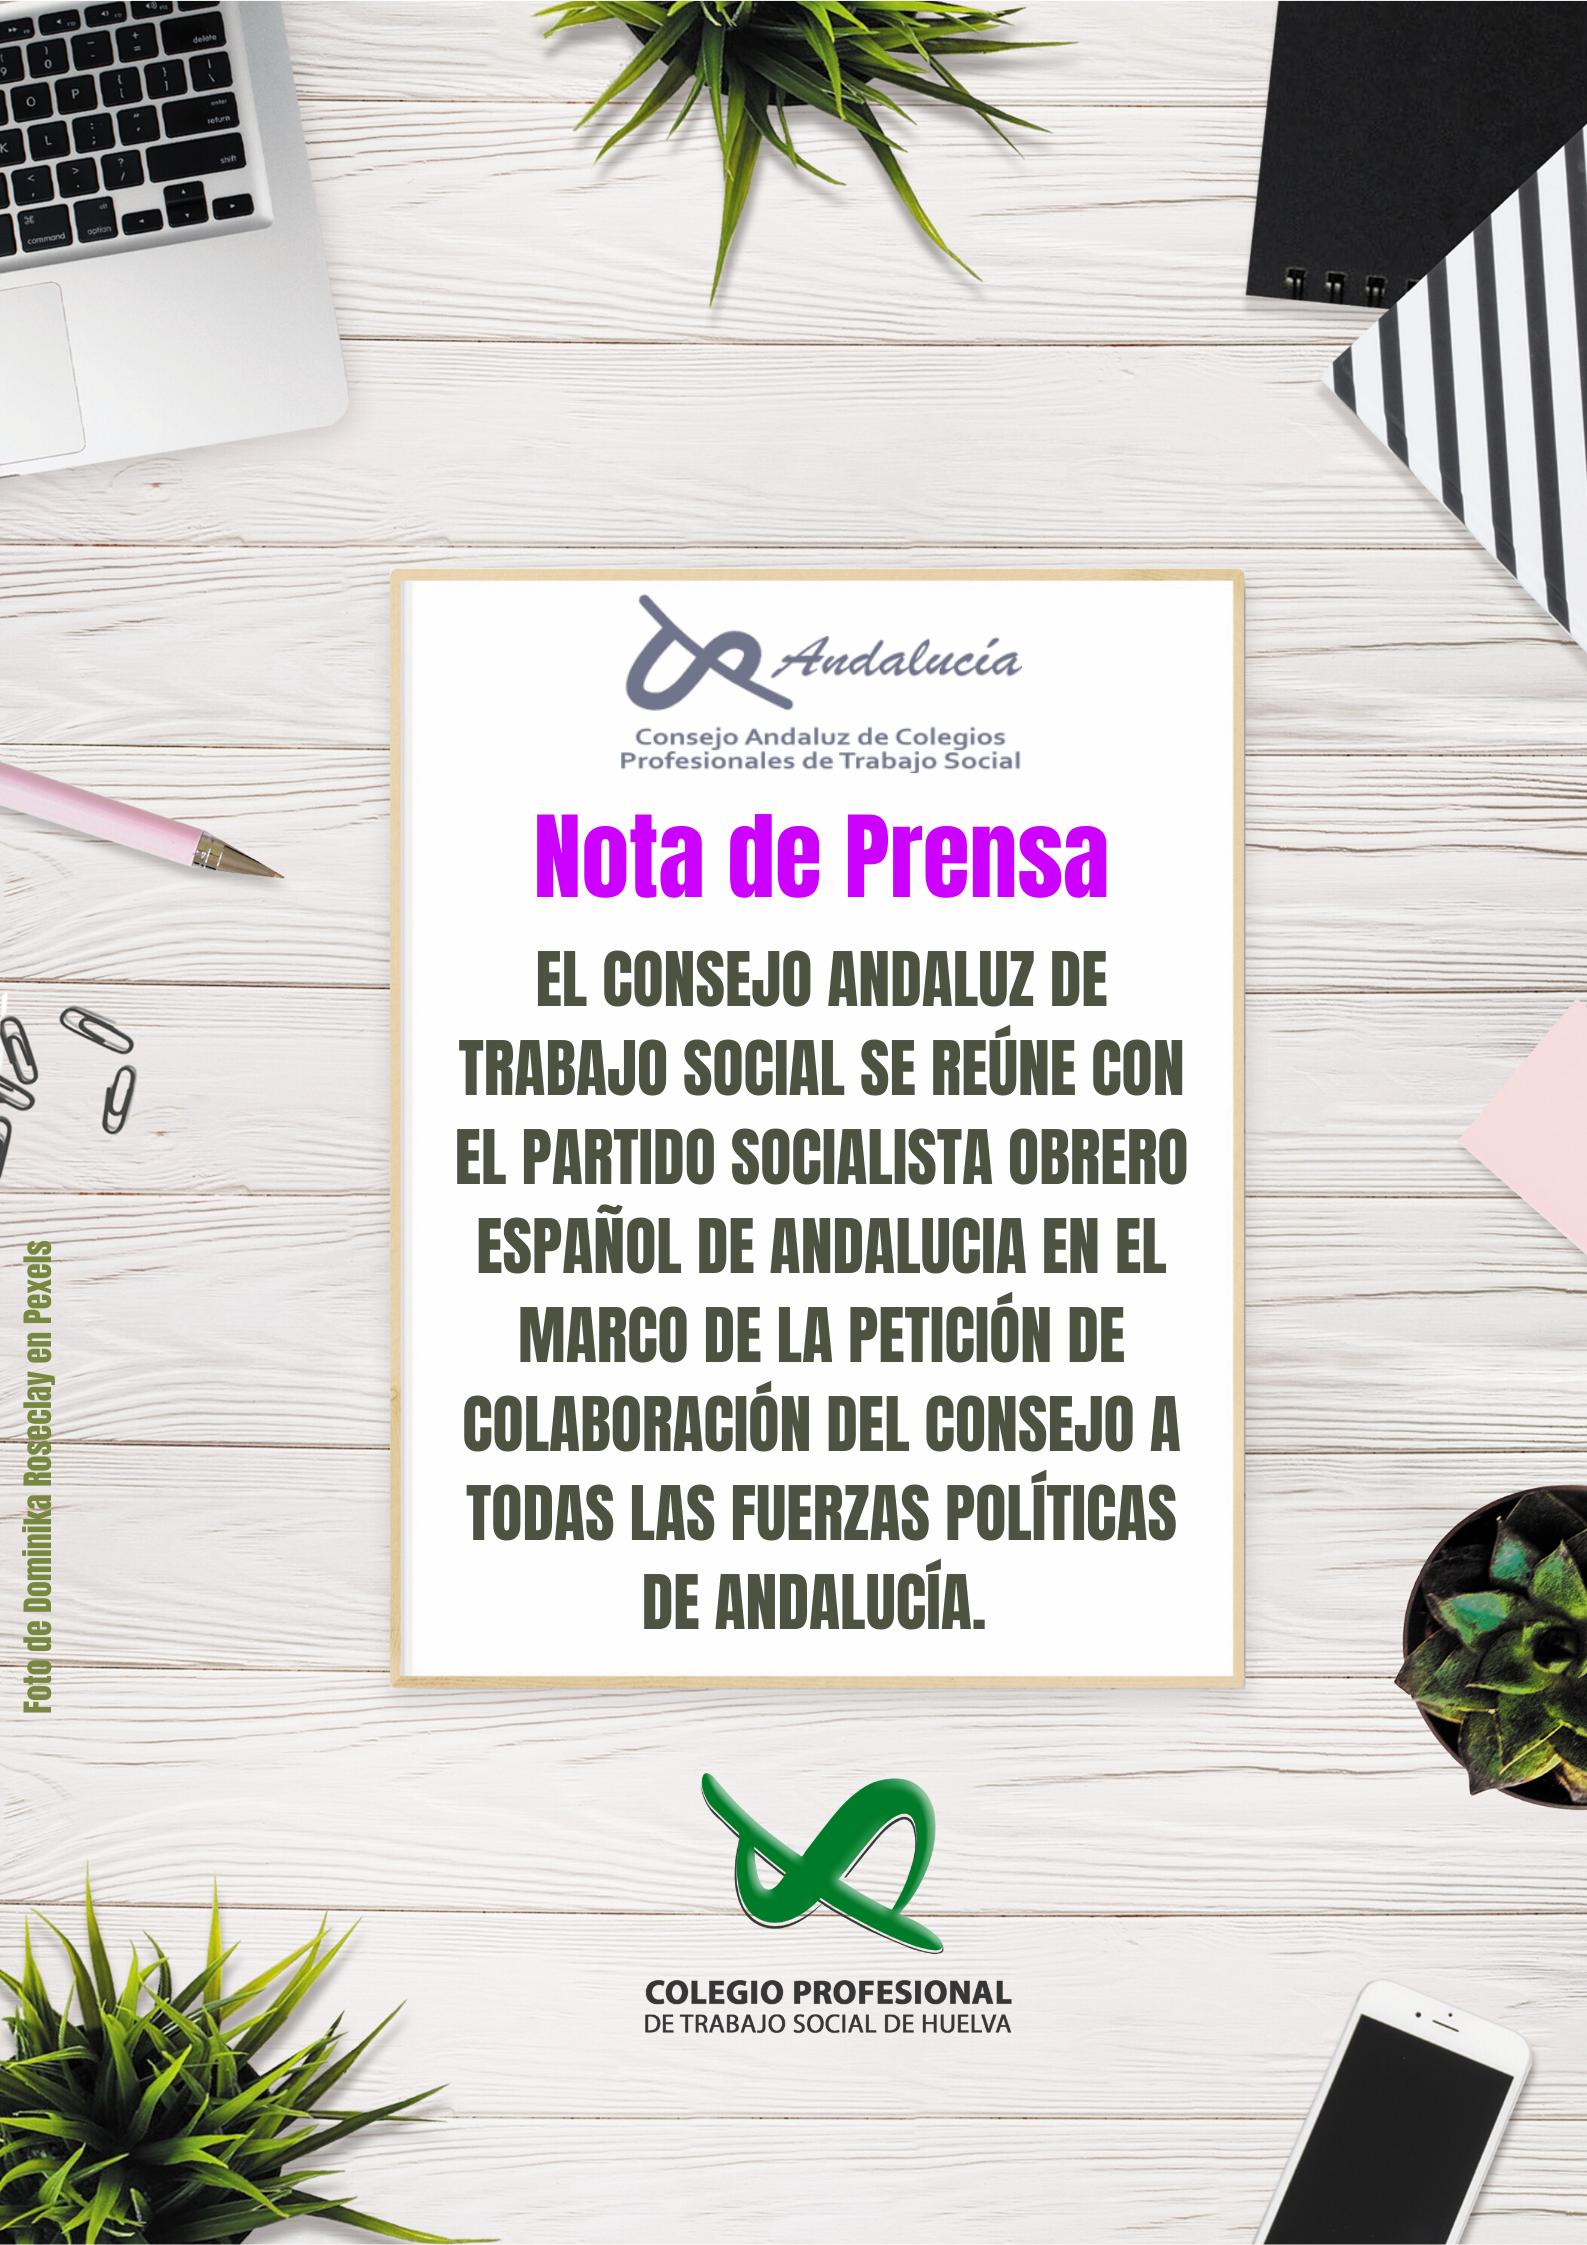 EL CONSEJO ANDALUZ DE TRABAJO SOCIAL SE REÚNE CON EL PARTIDO SOCIALISTA OBRERO ESPAÑOL DE ANDALUCIA EN EL MARCO DE LA PETICIÓN DE COLABORACIÓN DEL CONSEJO ANDALUZ A TODAS LAS FUERZAS POLÍTICAS DE ANDALUCÍA.